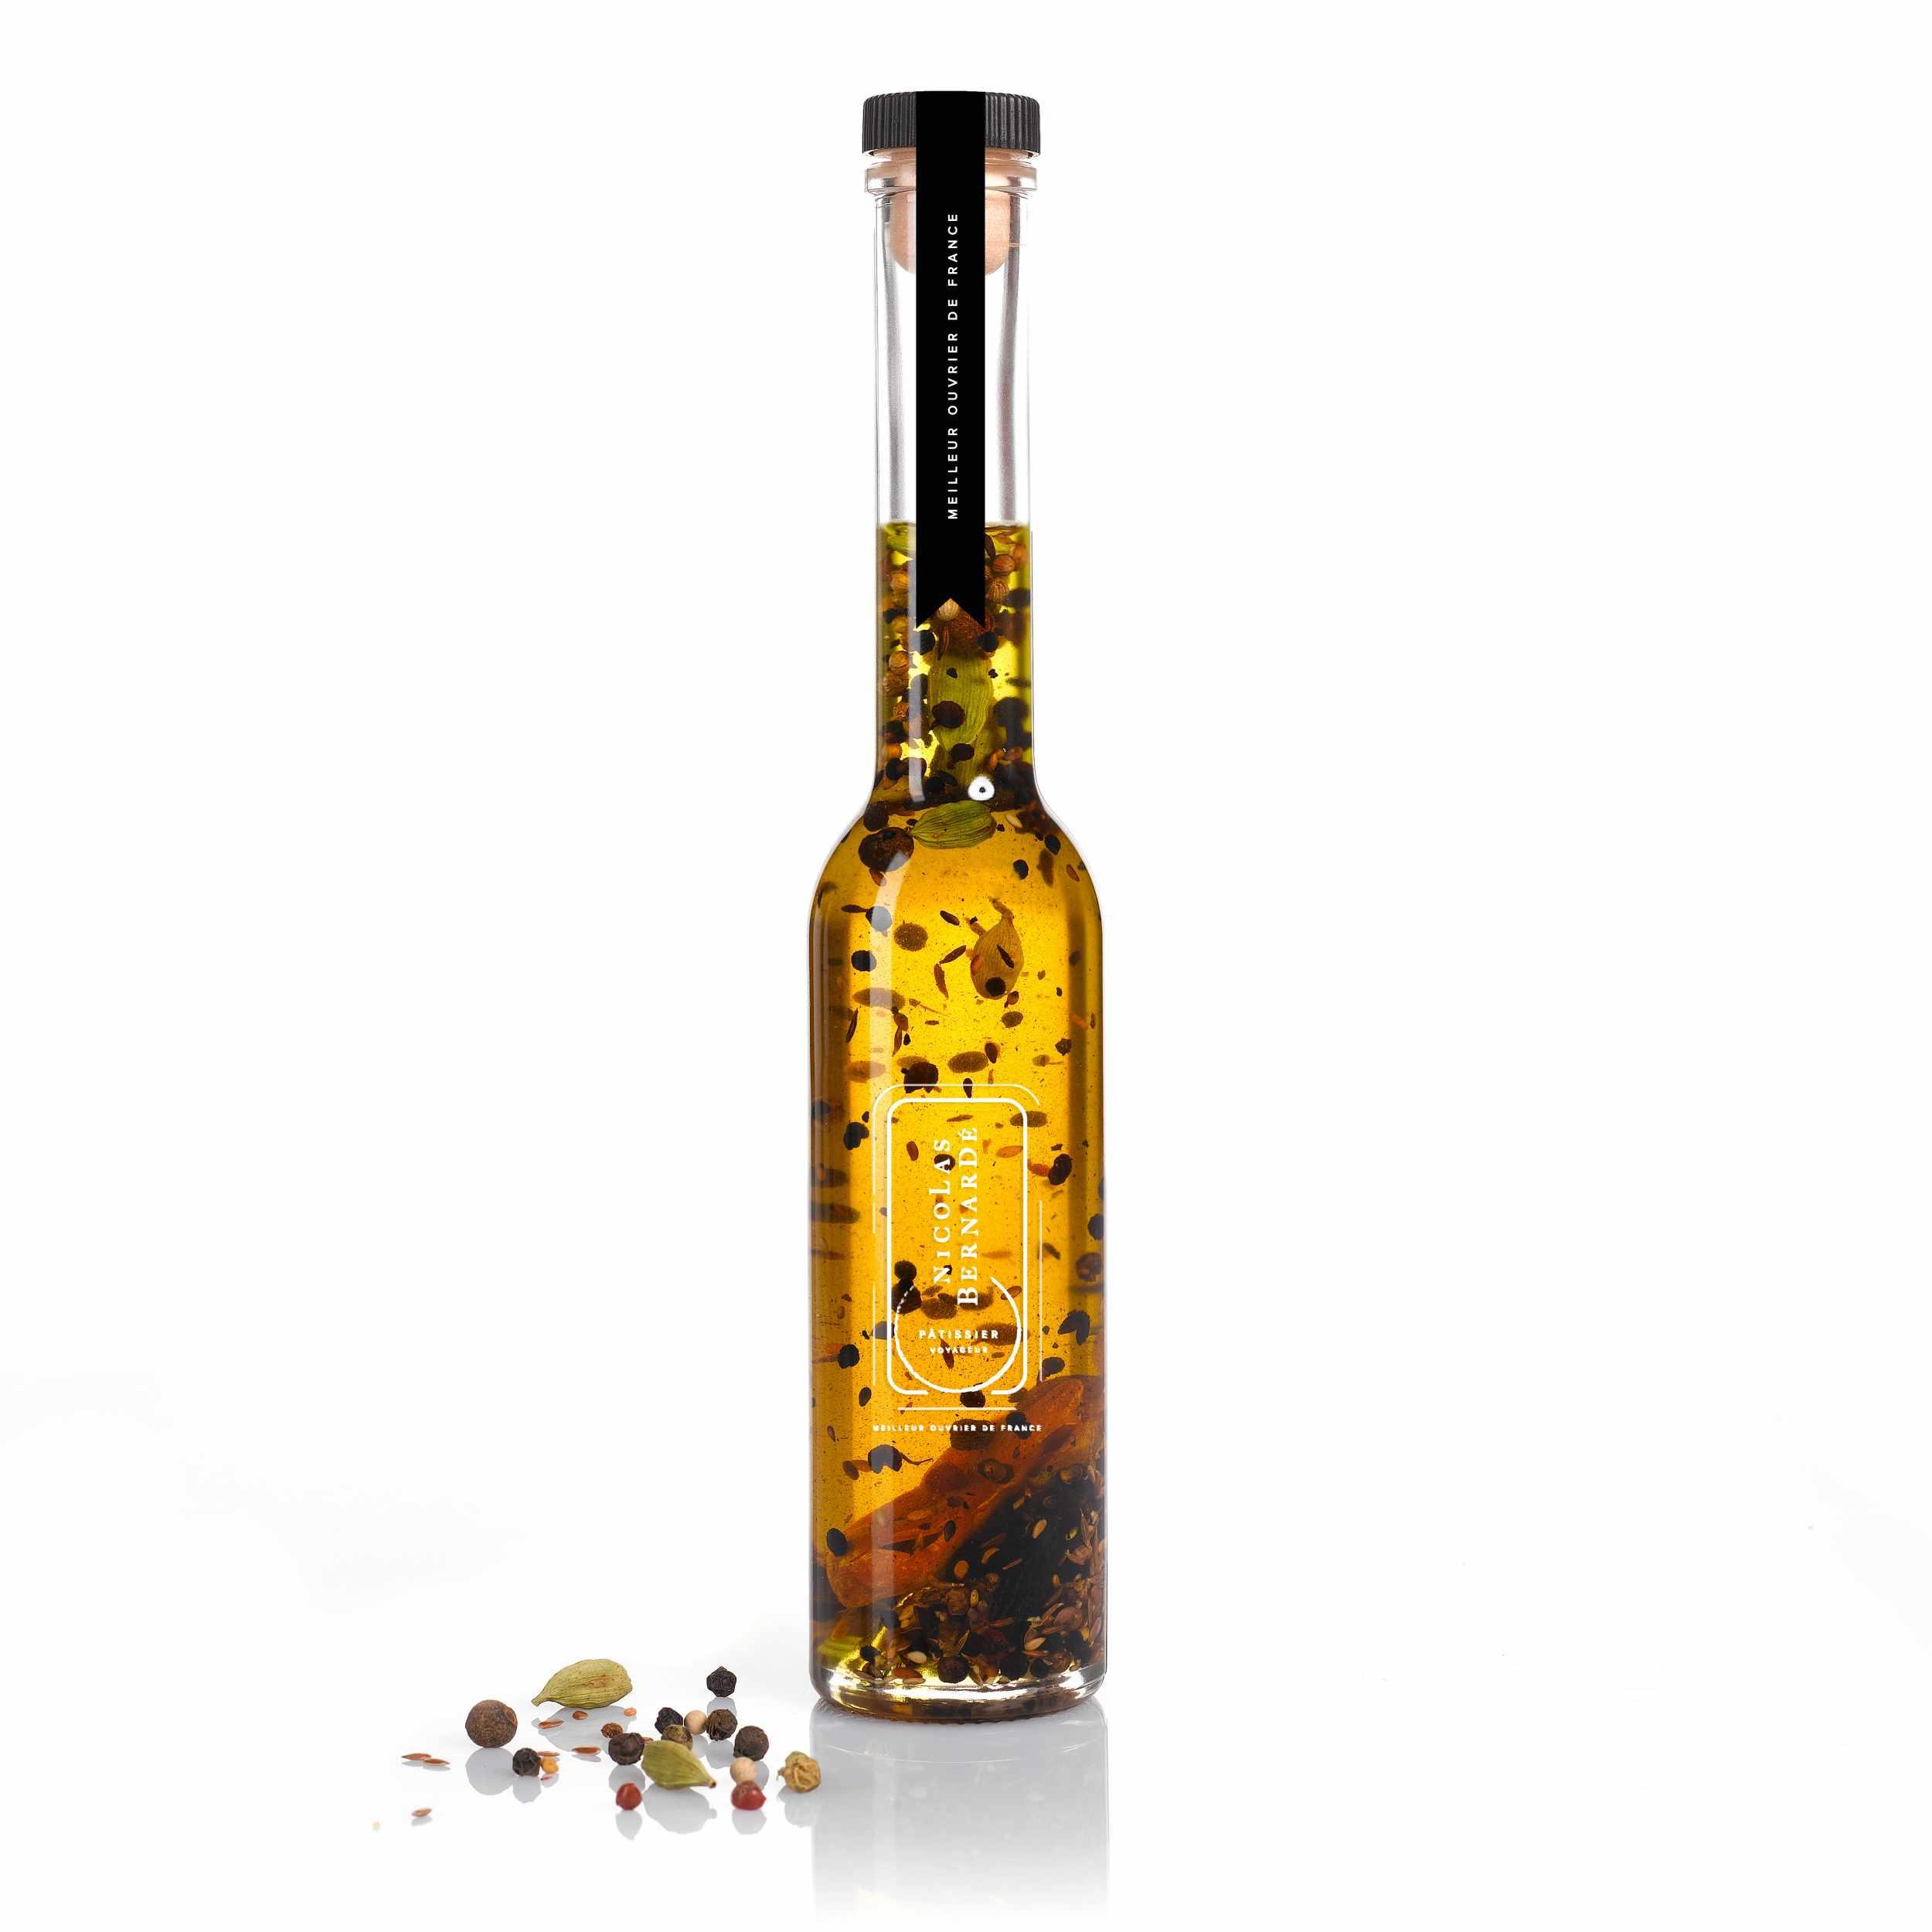 Huile-olive-cardamome-bergamote.jpg